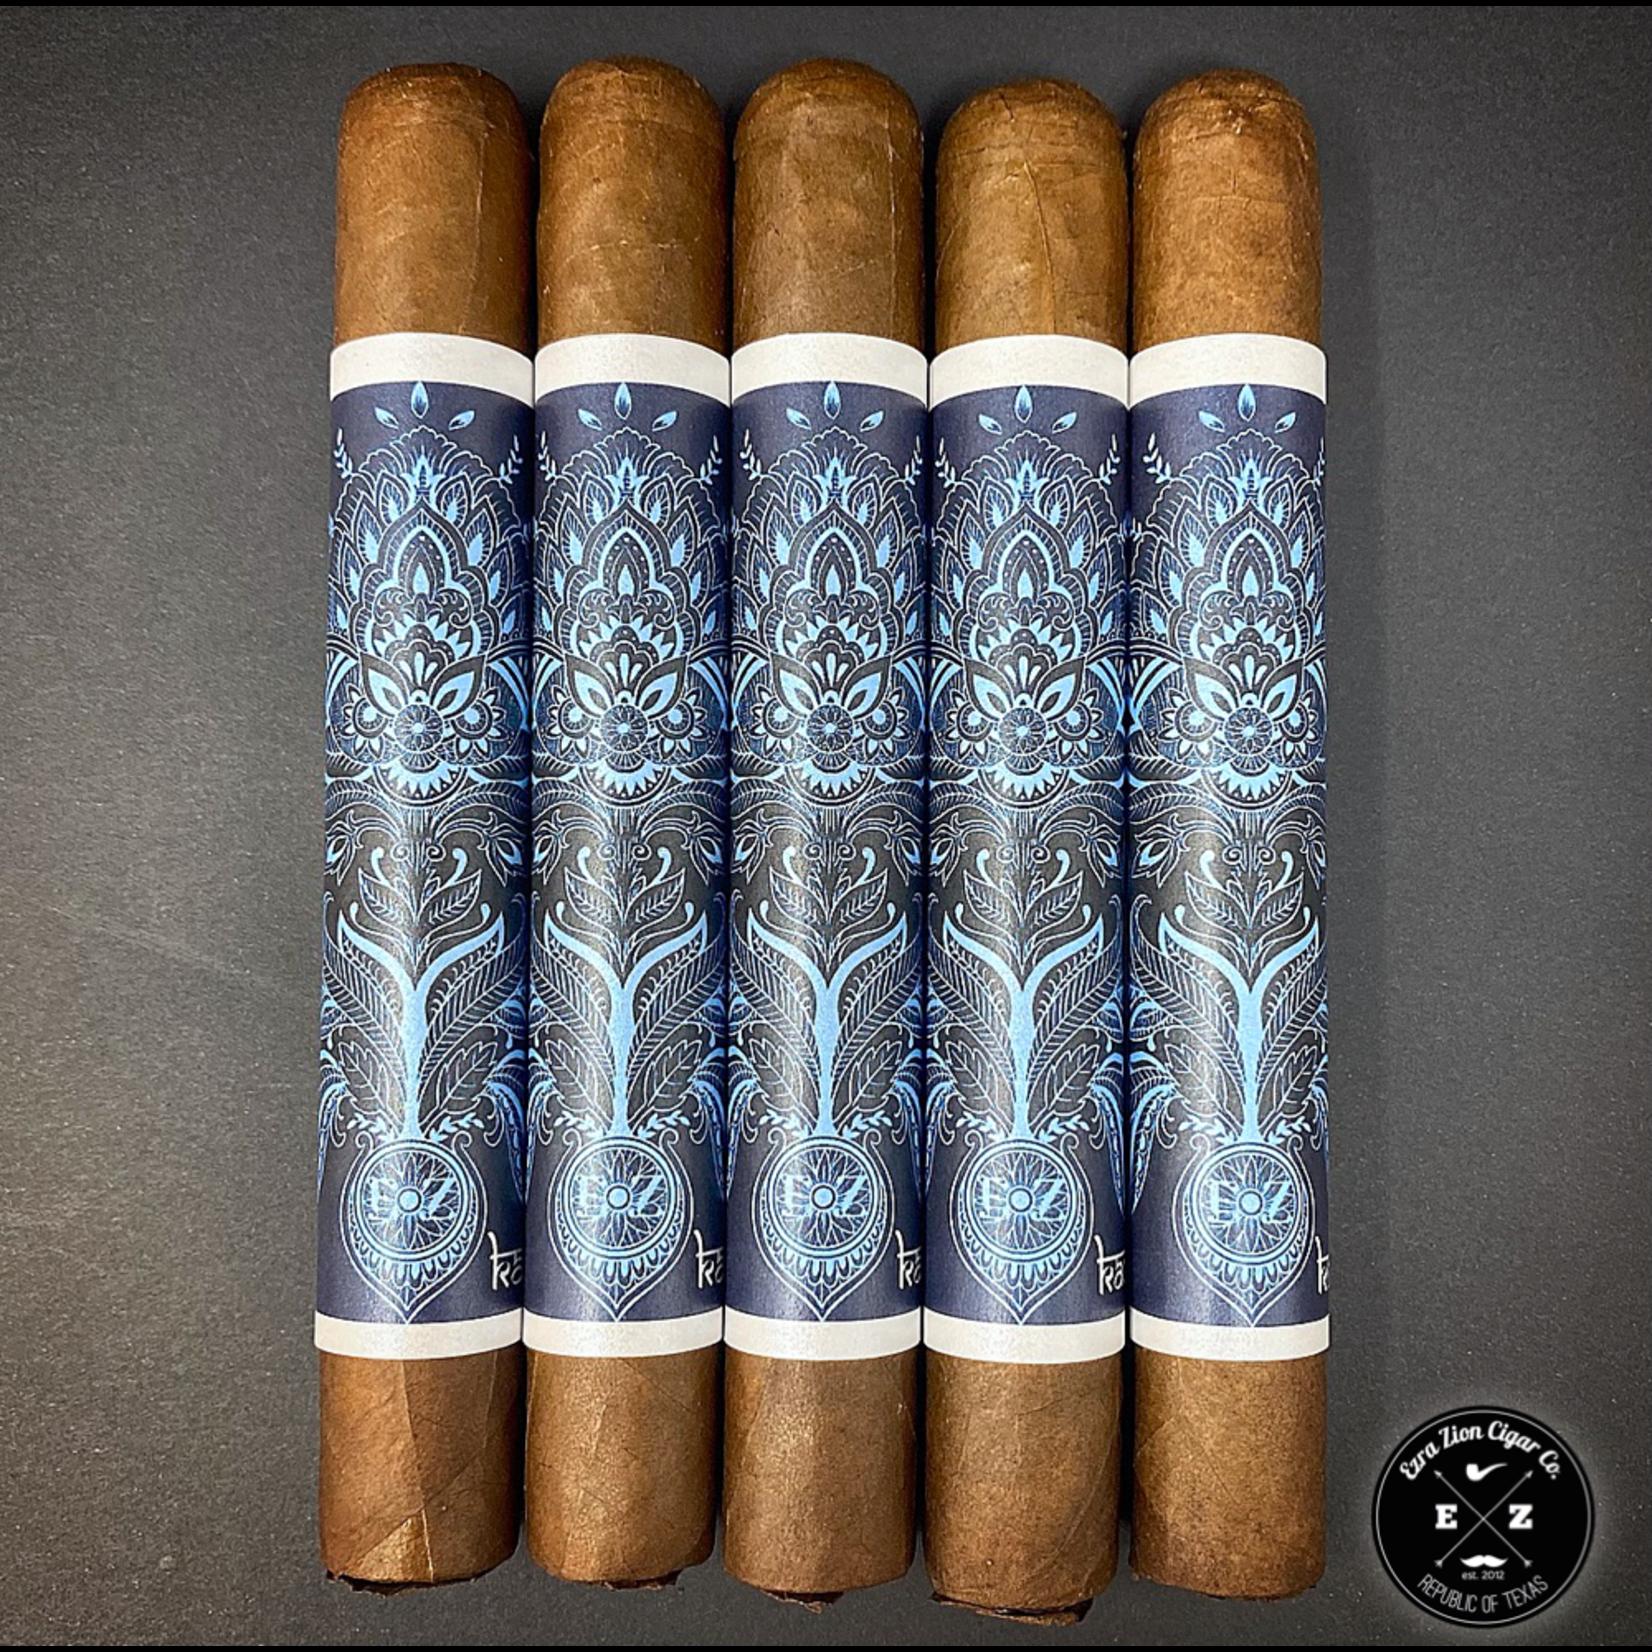 Ezra Zion Cigars Kashmir LTD